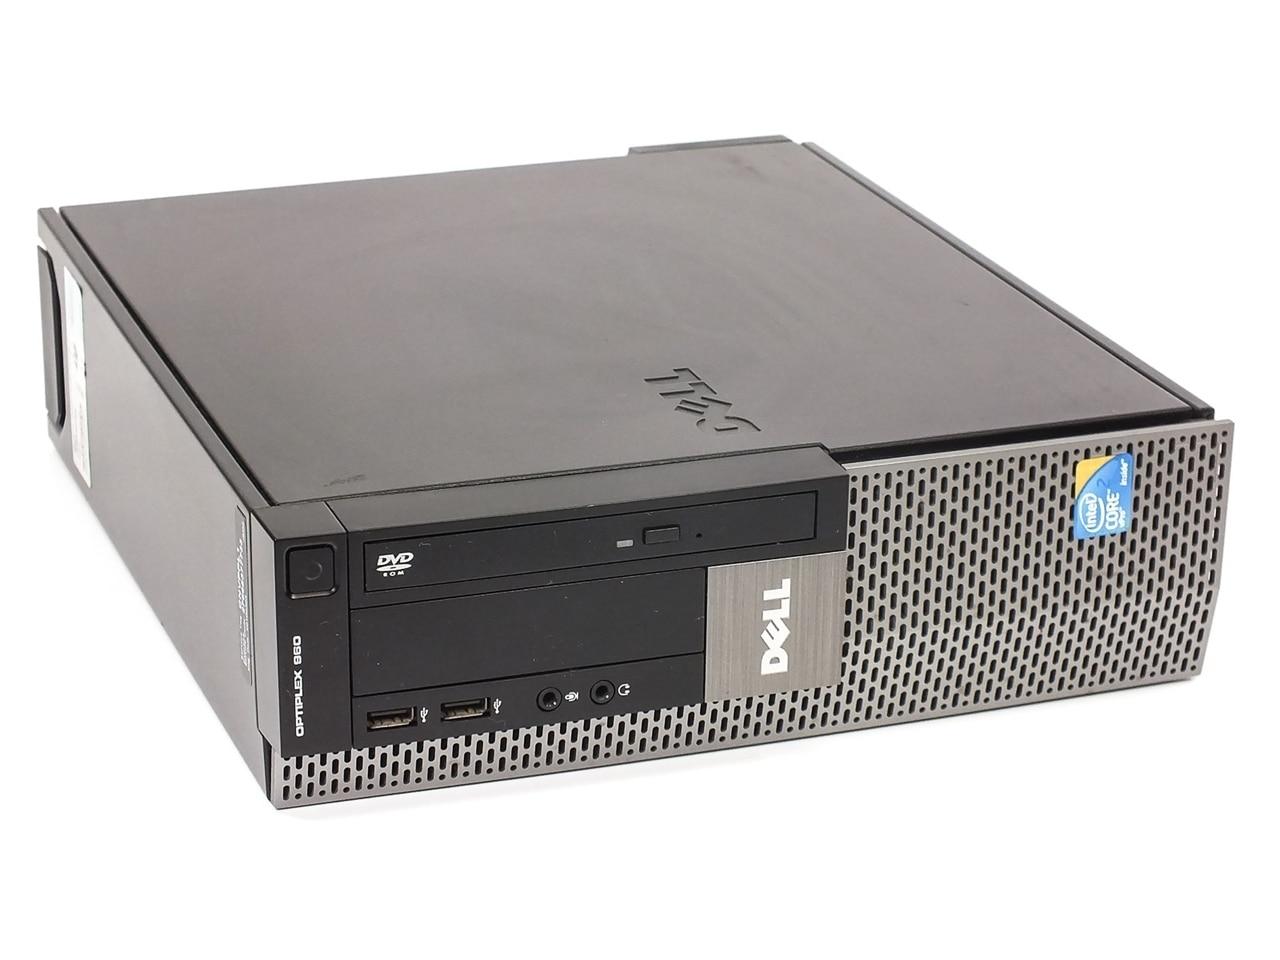 Dell Optiplex 360 Specs